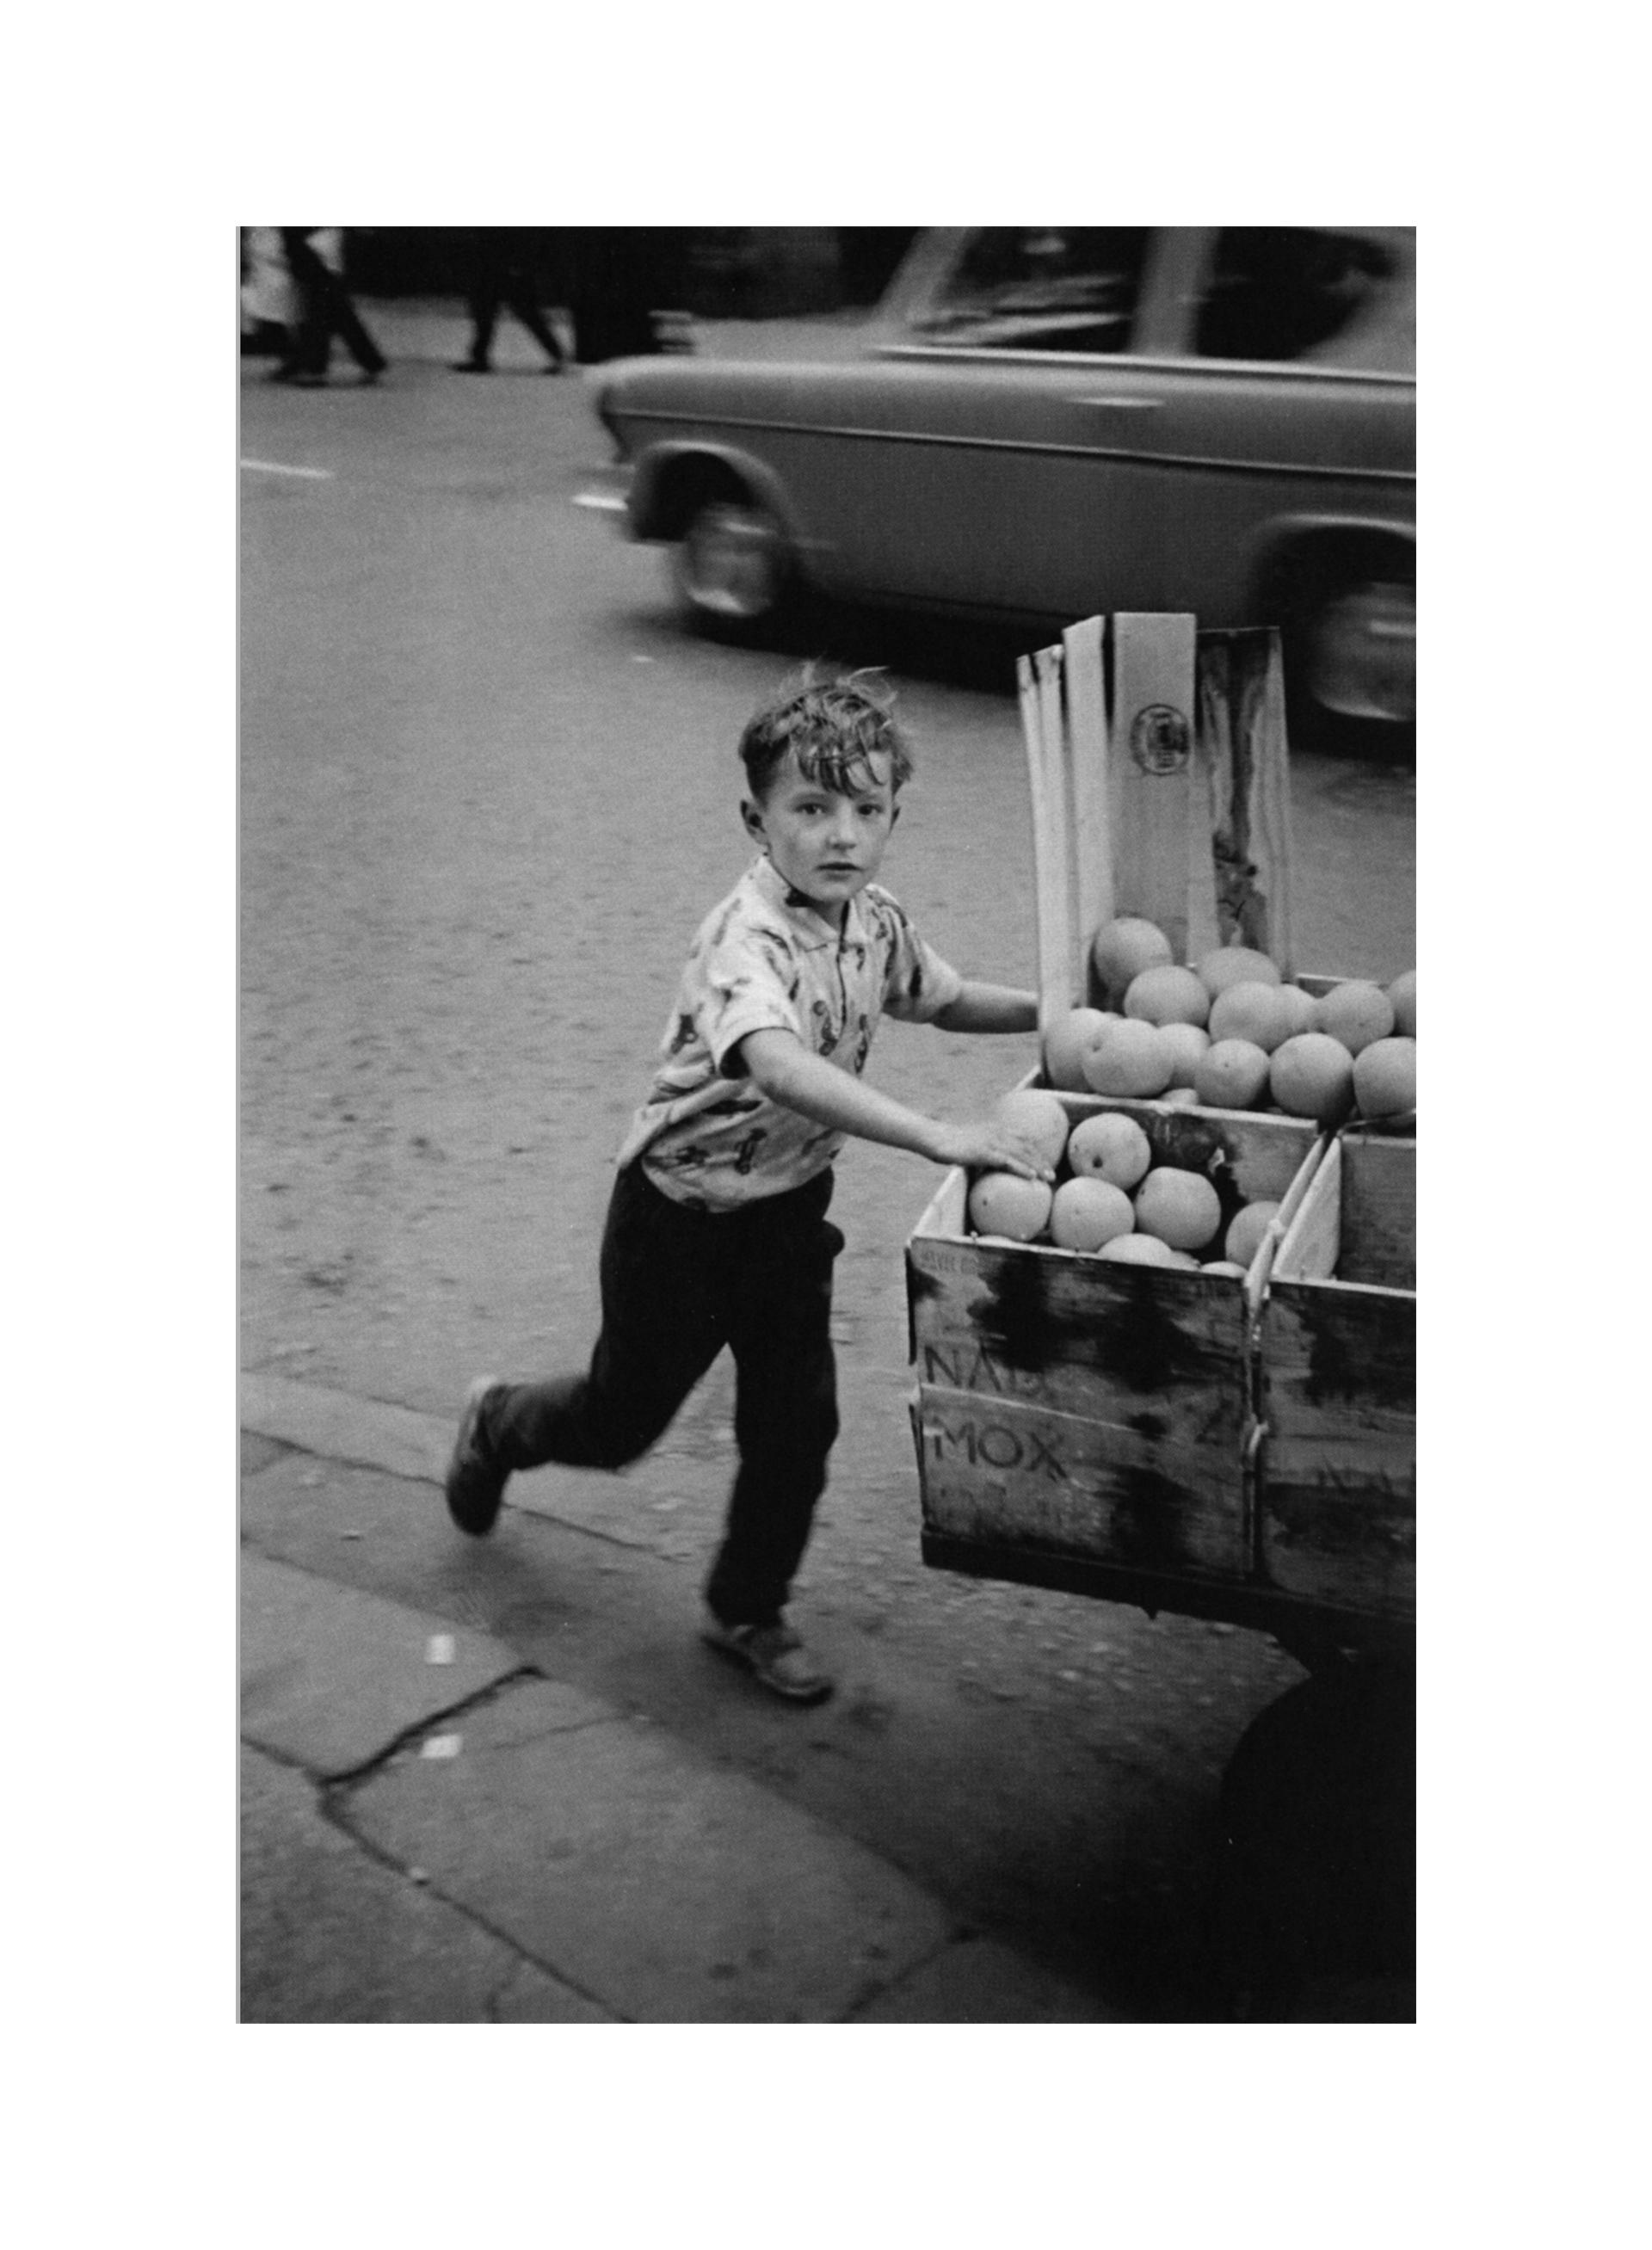 Image of Barra Boy, Glasgow 1968 by David Peat